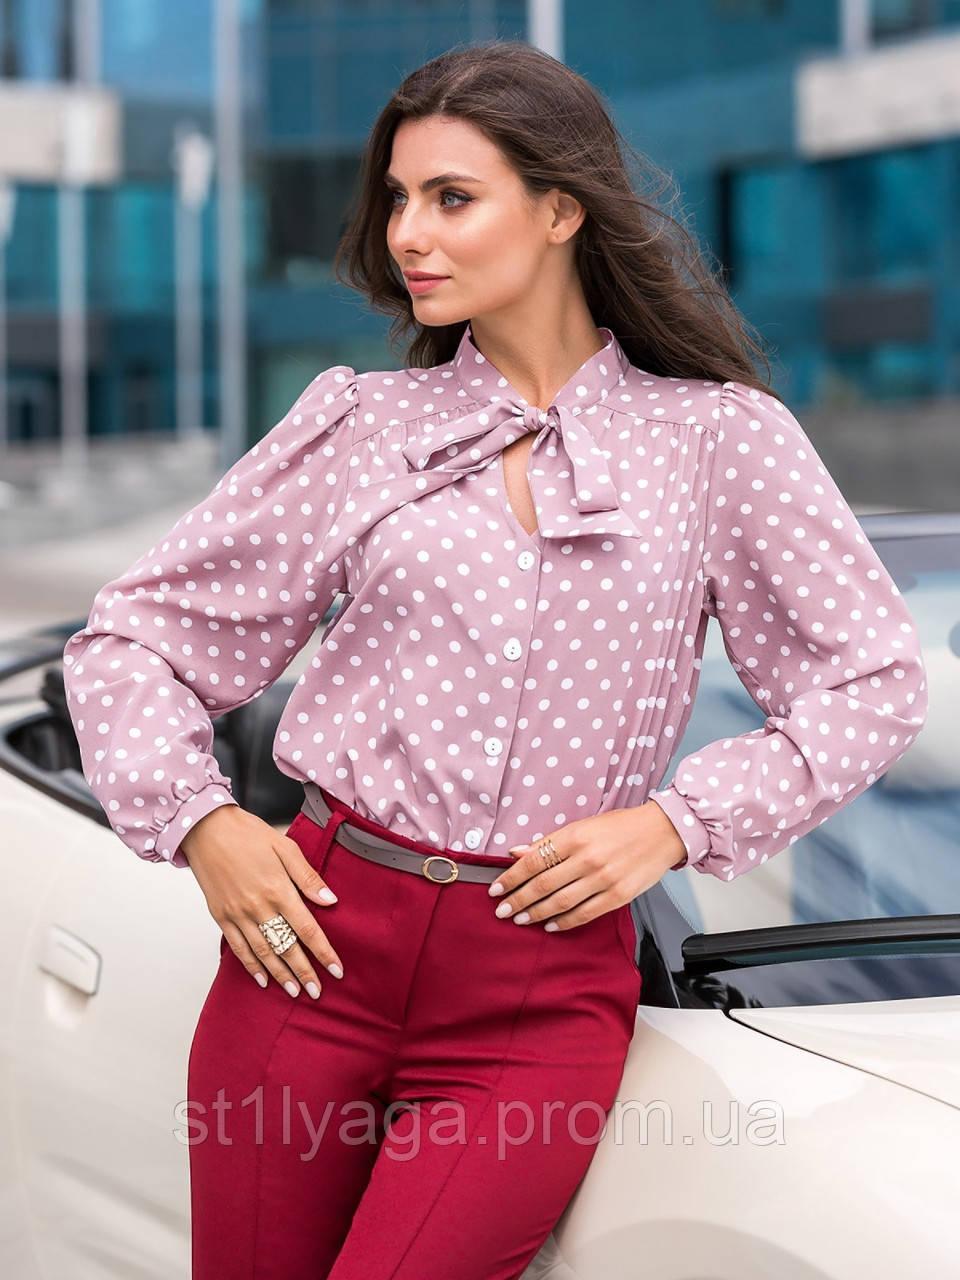 Стильная блузка в горошек с воротником стоечка и лентами переходящими в бант